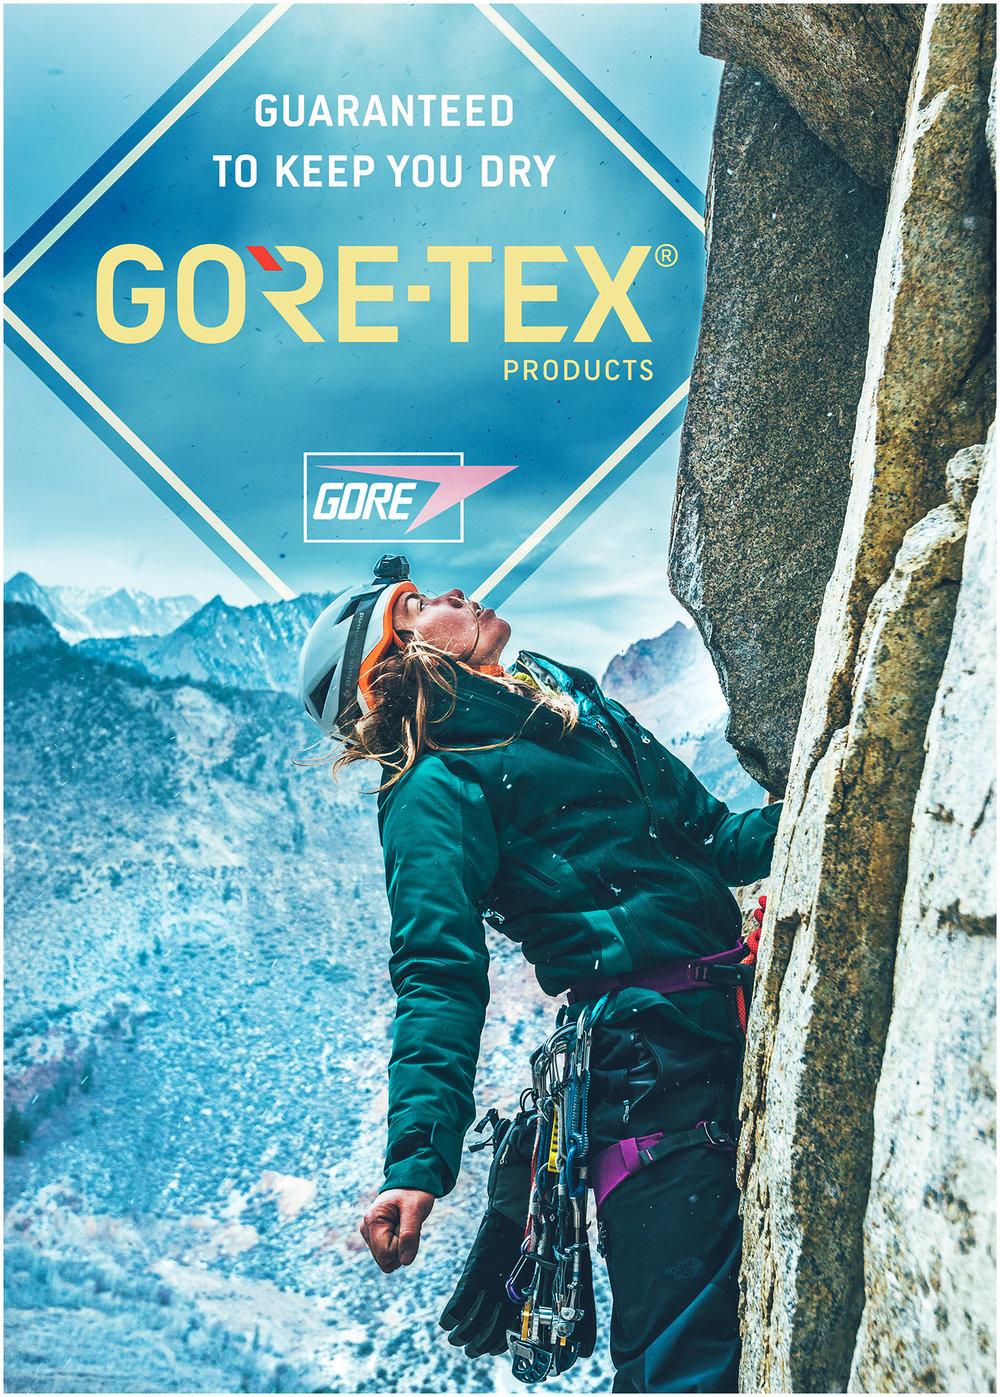 20161118_GORETEX-009_assetmockup_WEBjk.jpg